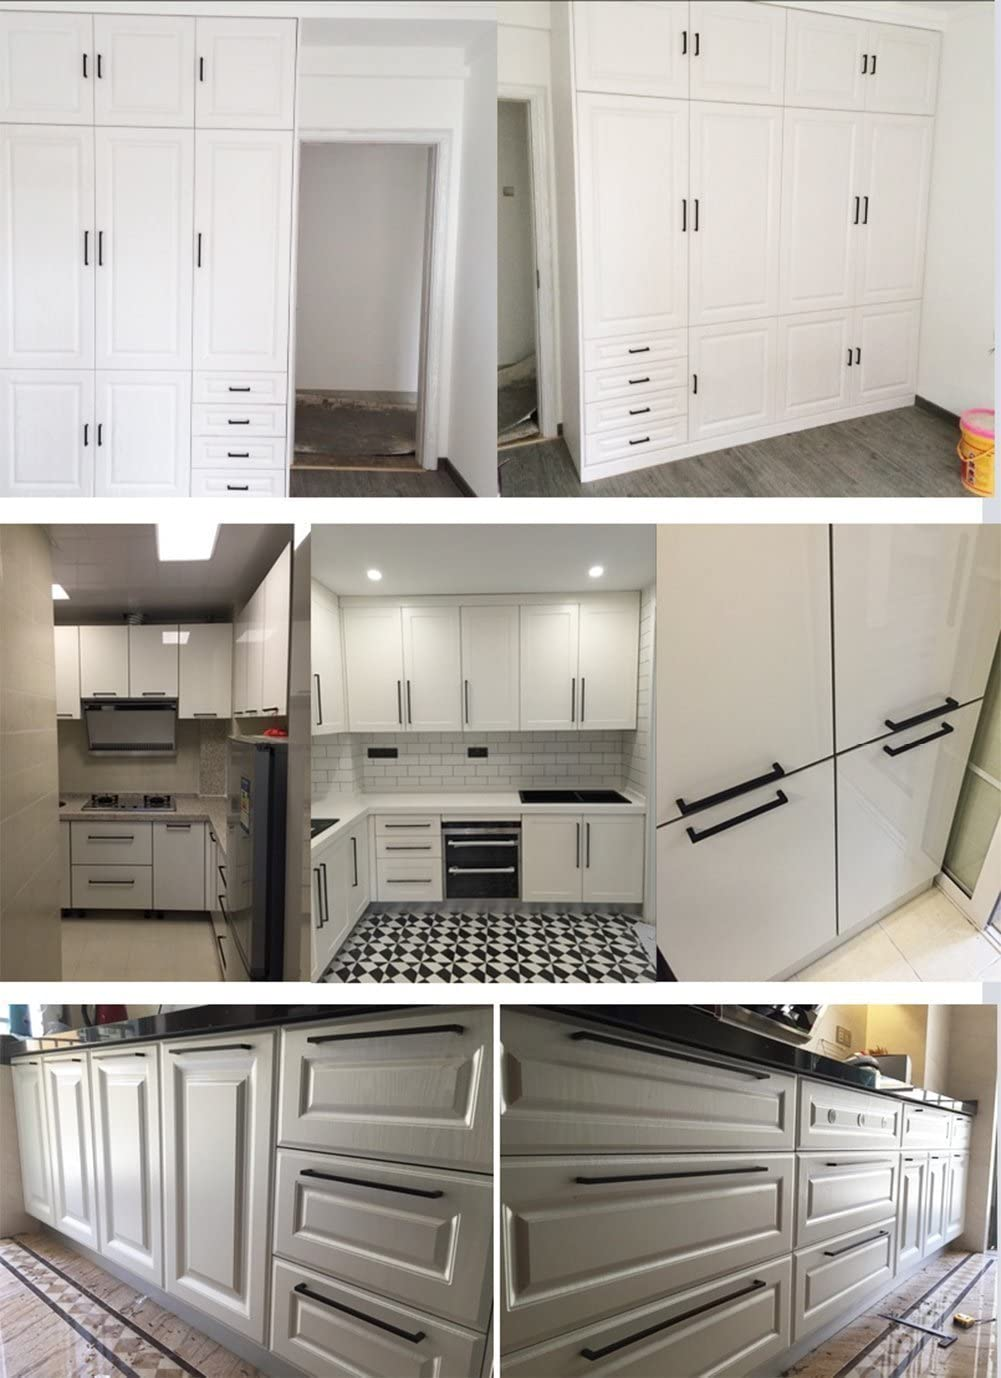 cocina Tiradores de acero inoxidable con dise/ño cuadrado cajones LSJ12BK para muebles color negro armarios